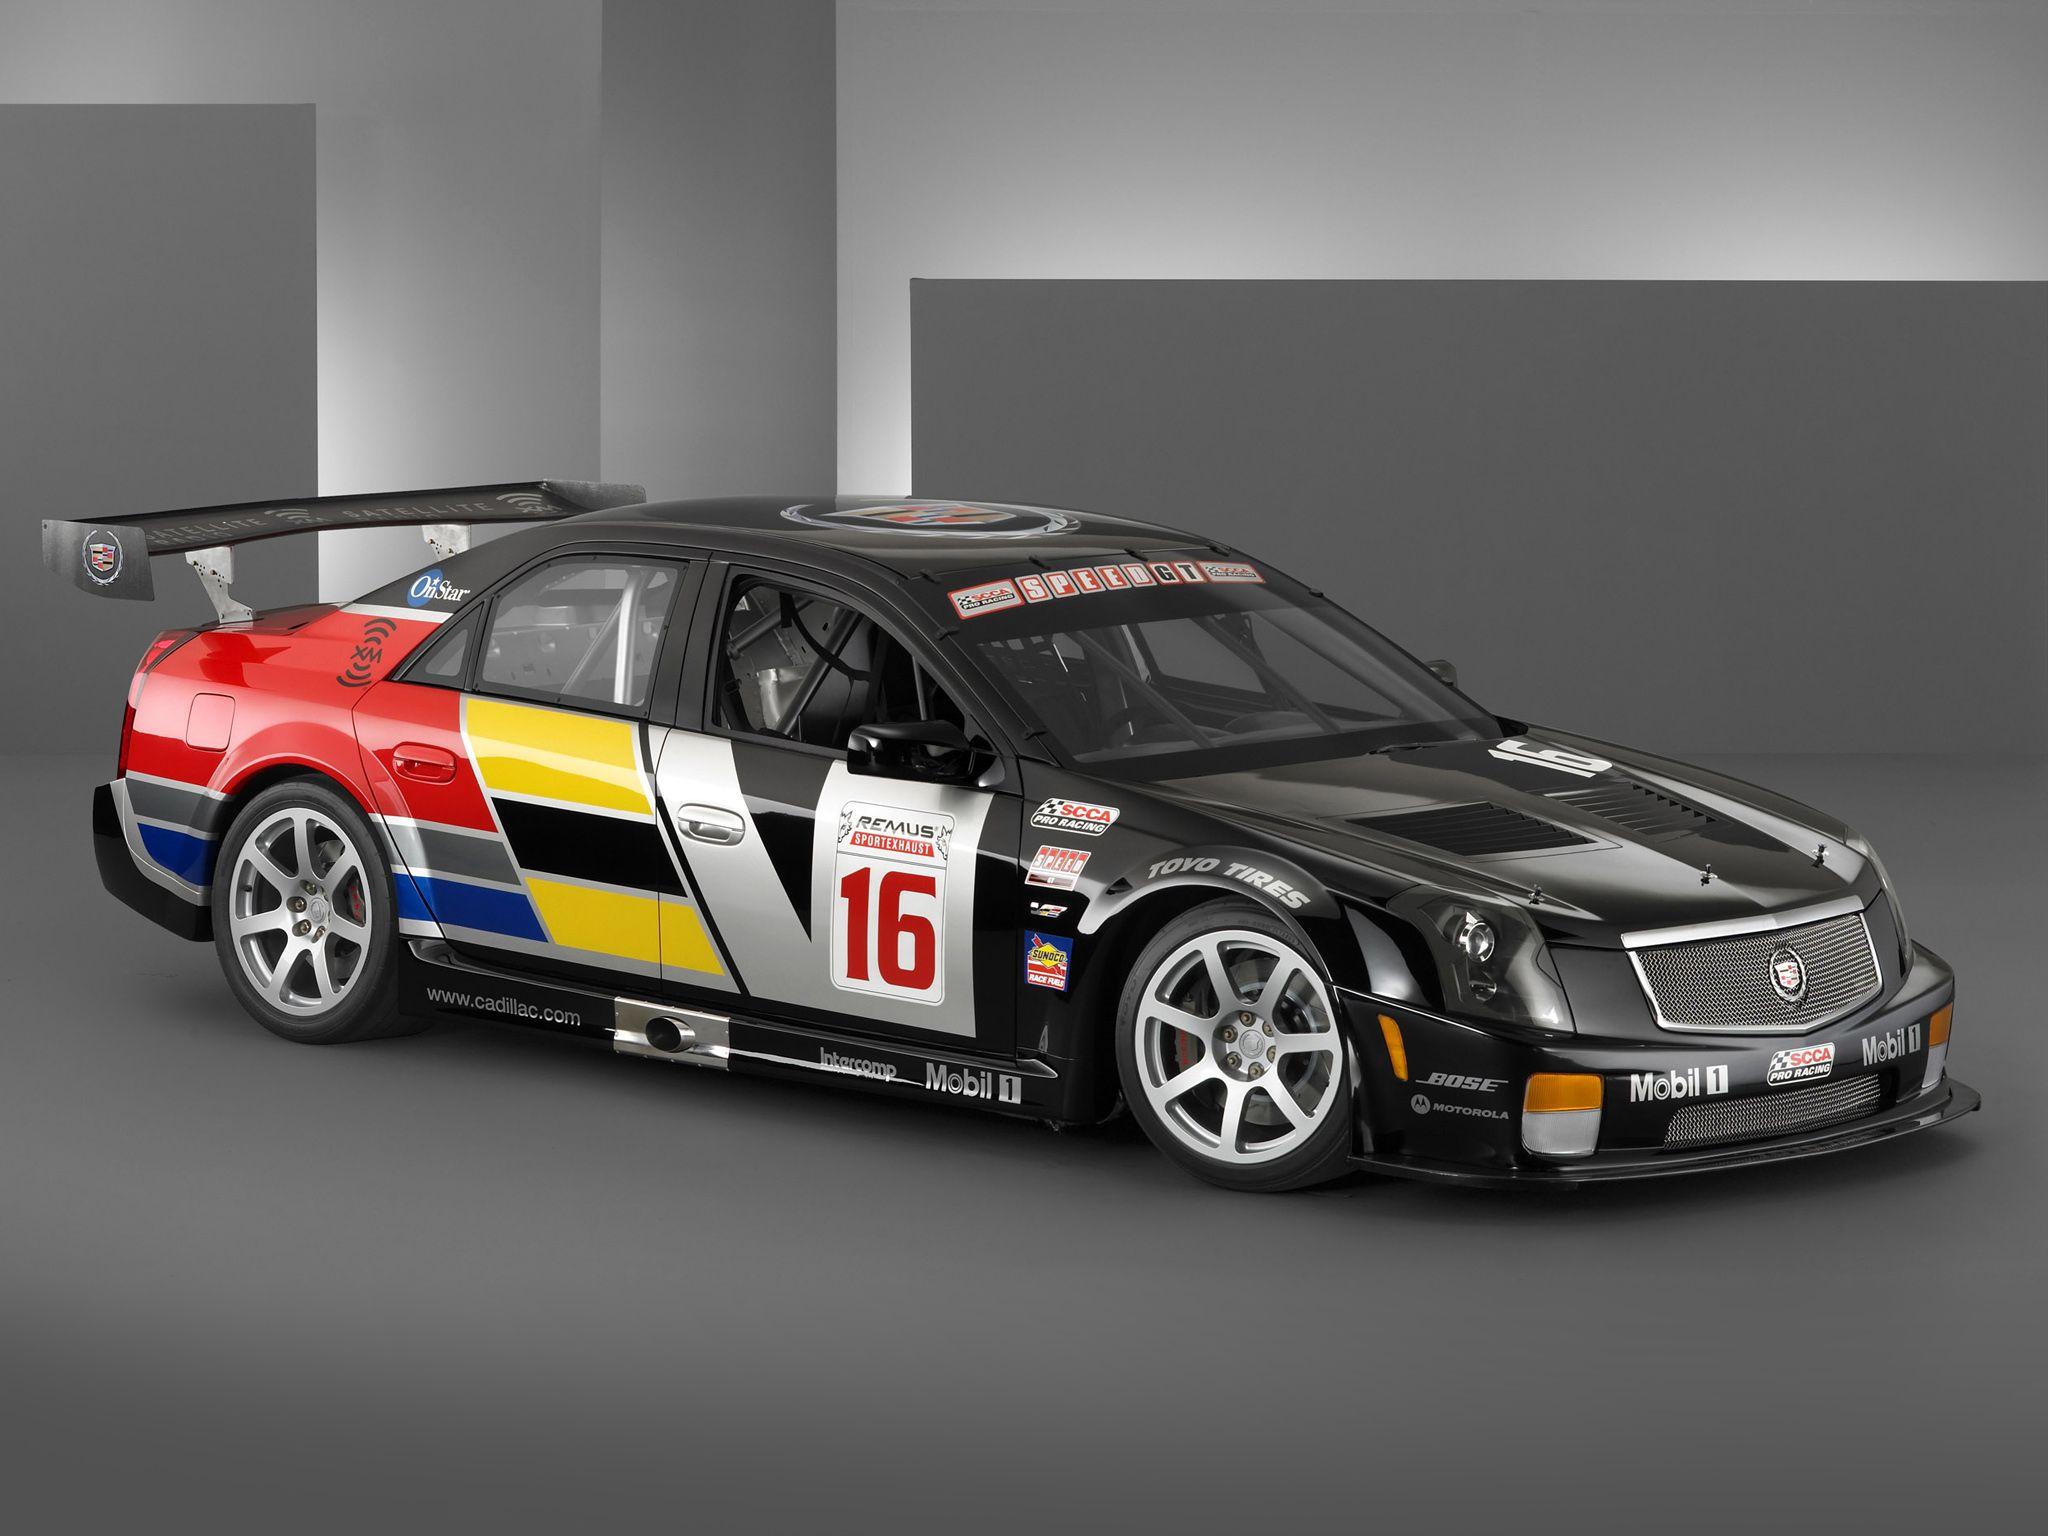 Pin On Racing Cars